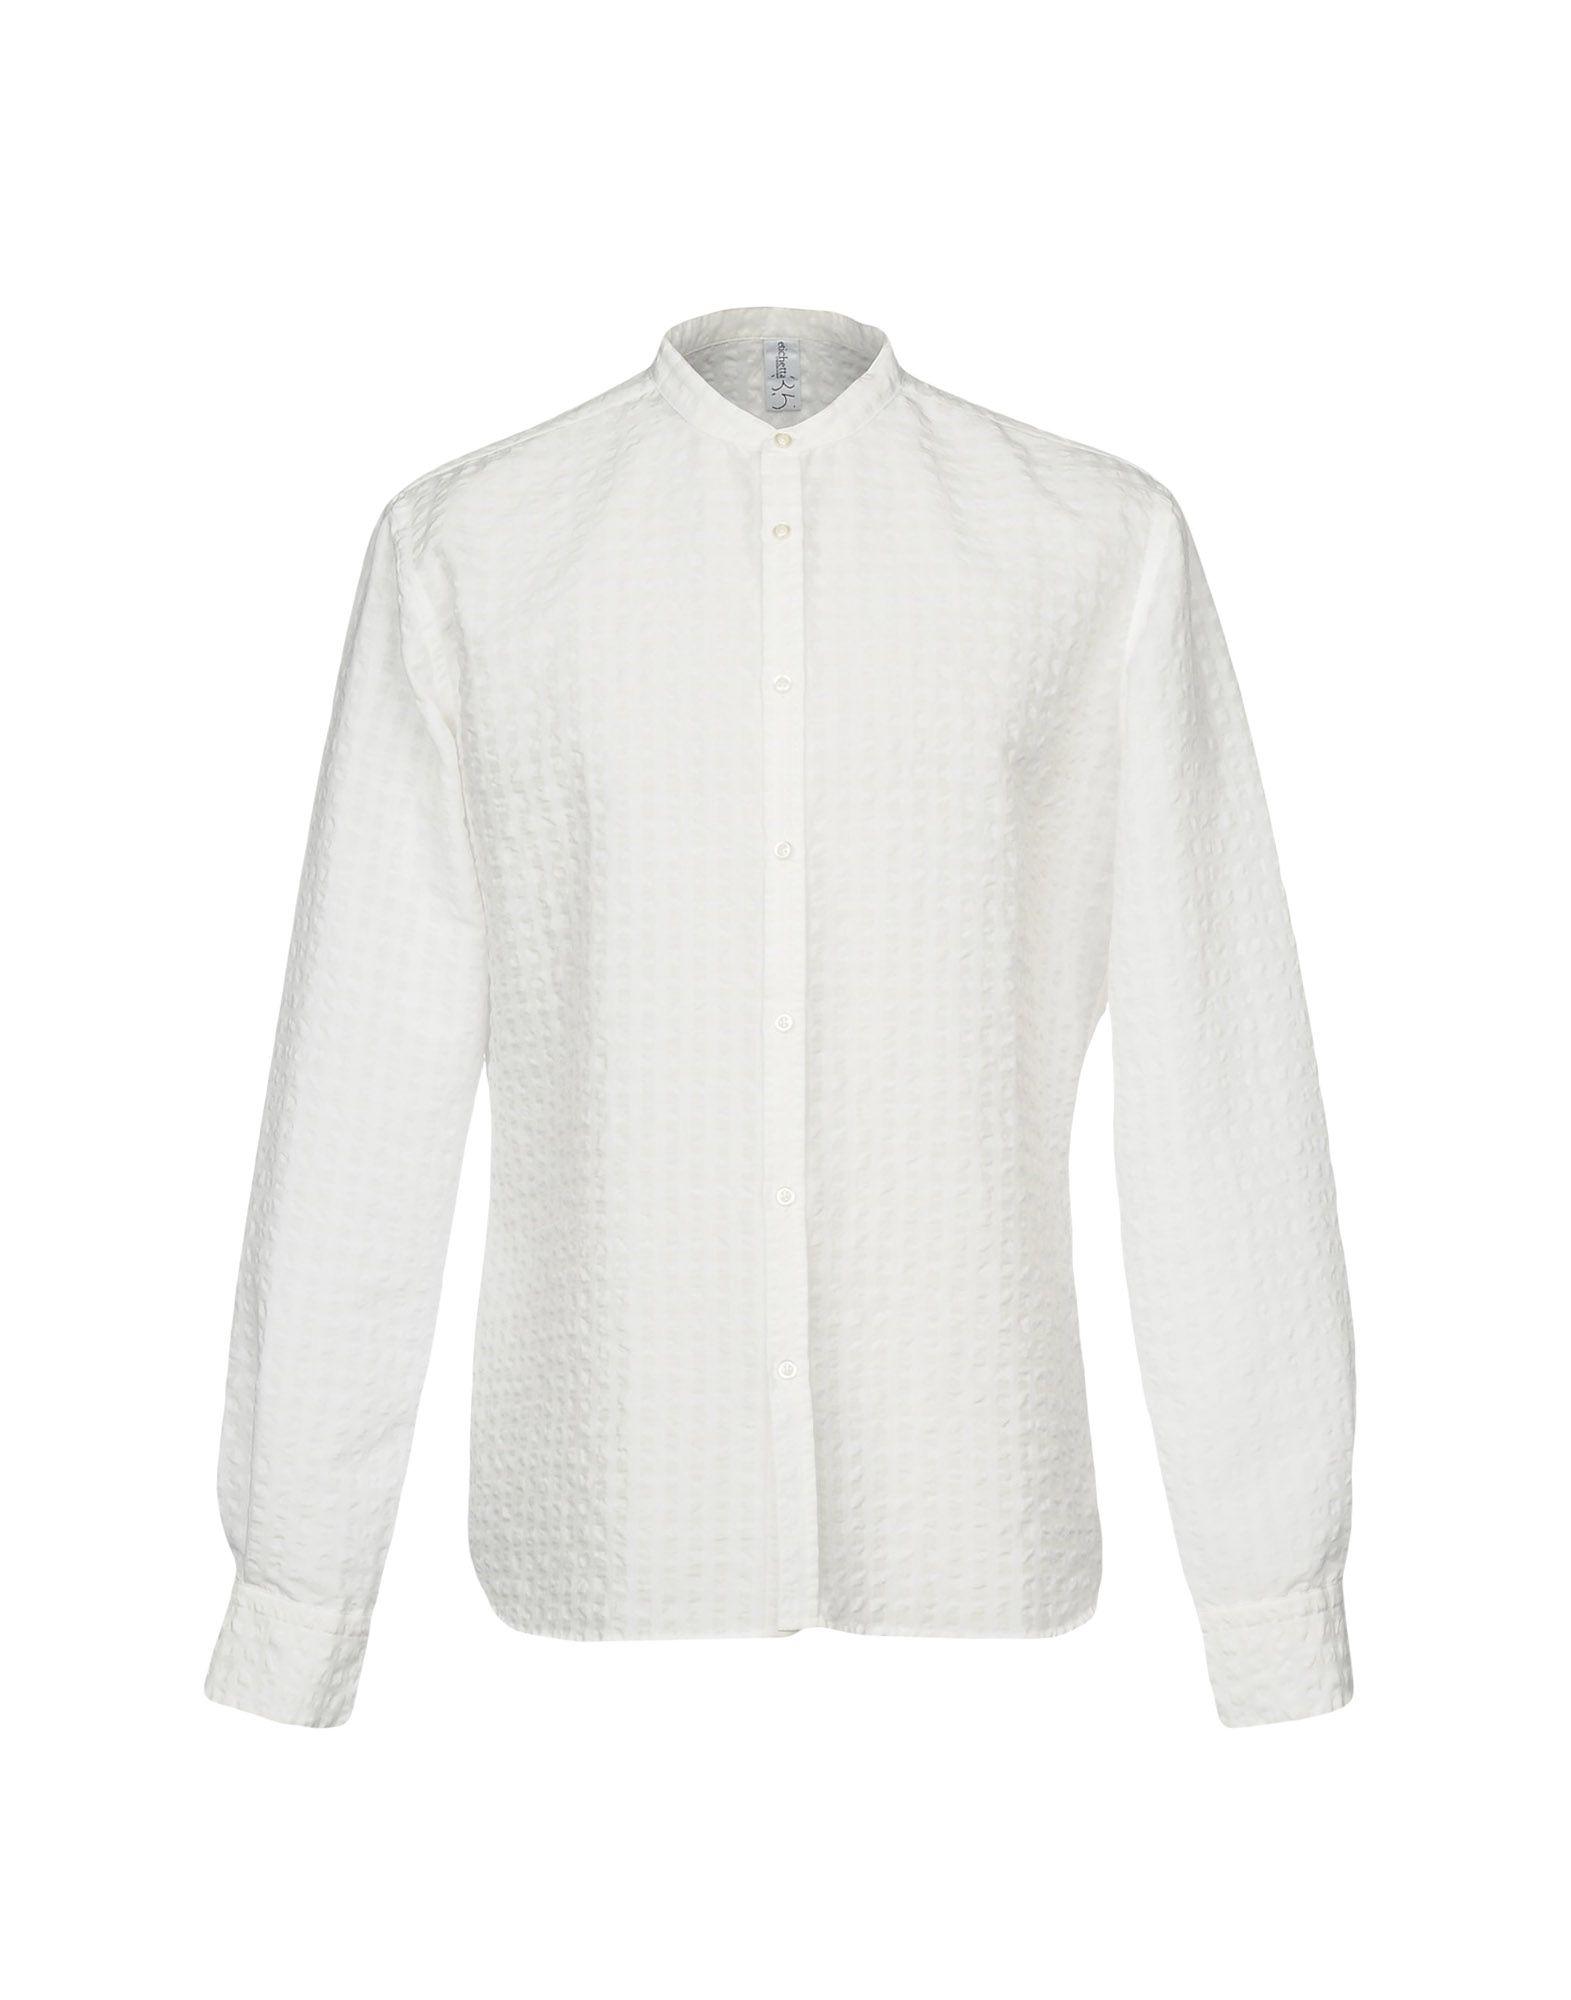 ETICHETTA 35 Herren Hemd Farbe Weiß Größe 8